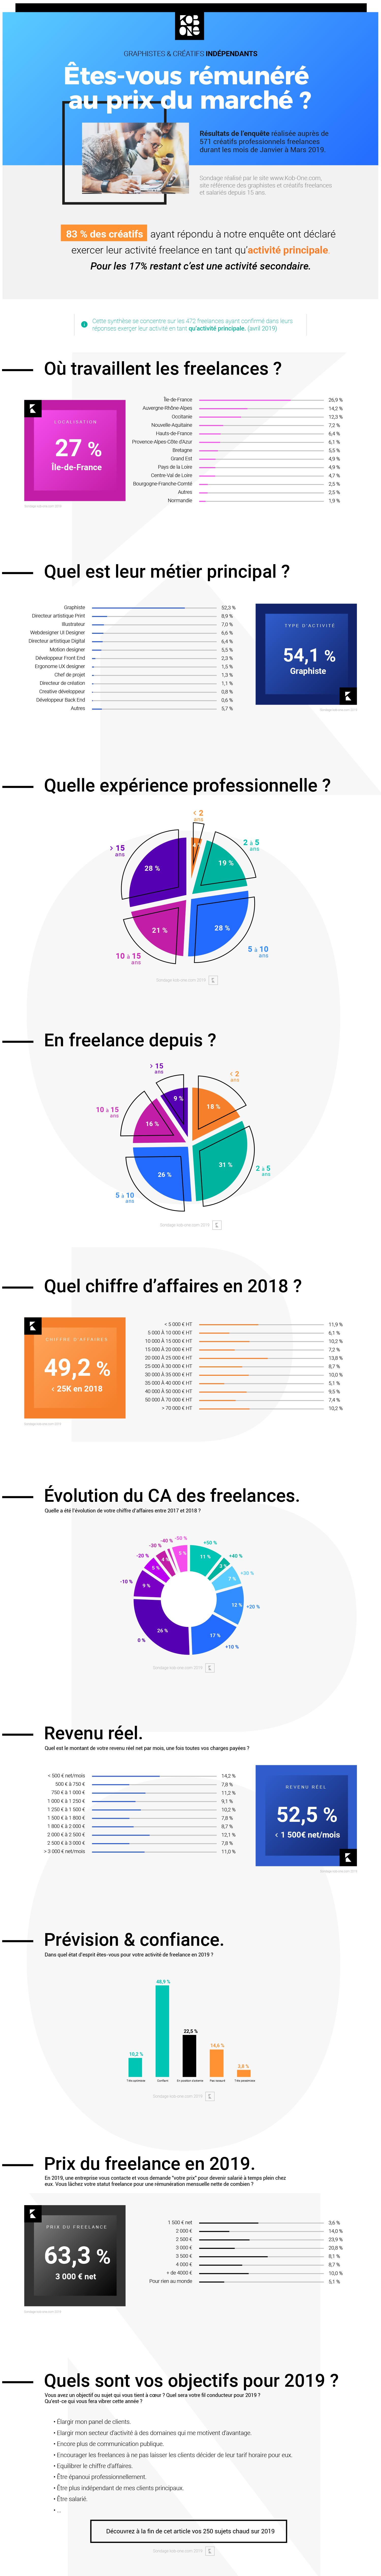 Quel salaire pour les créatifs en 2018 ?